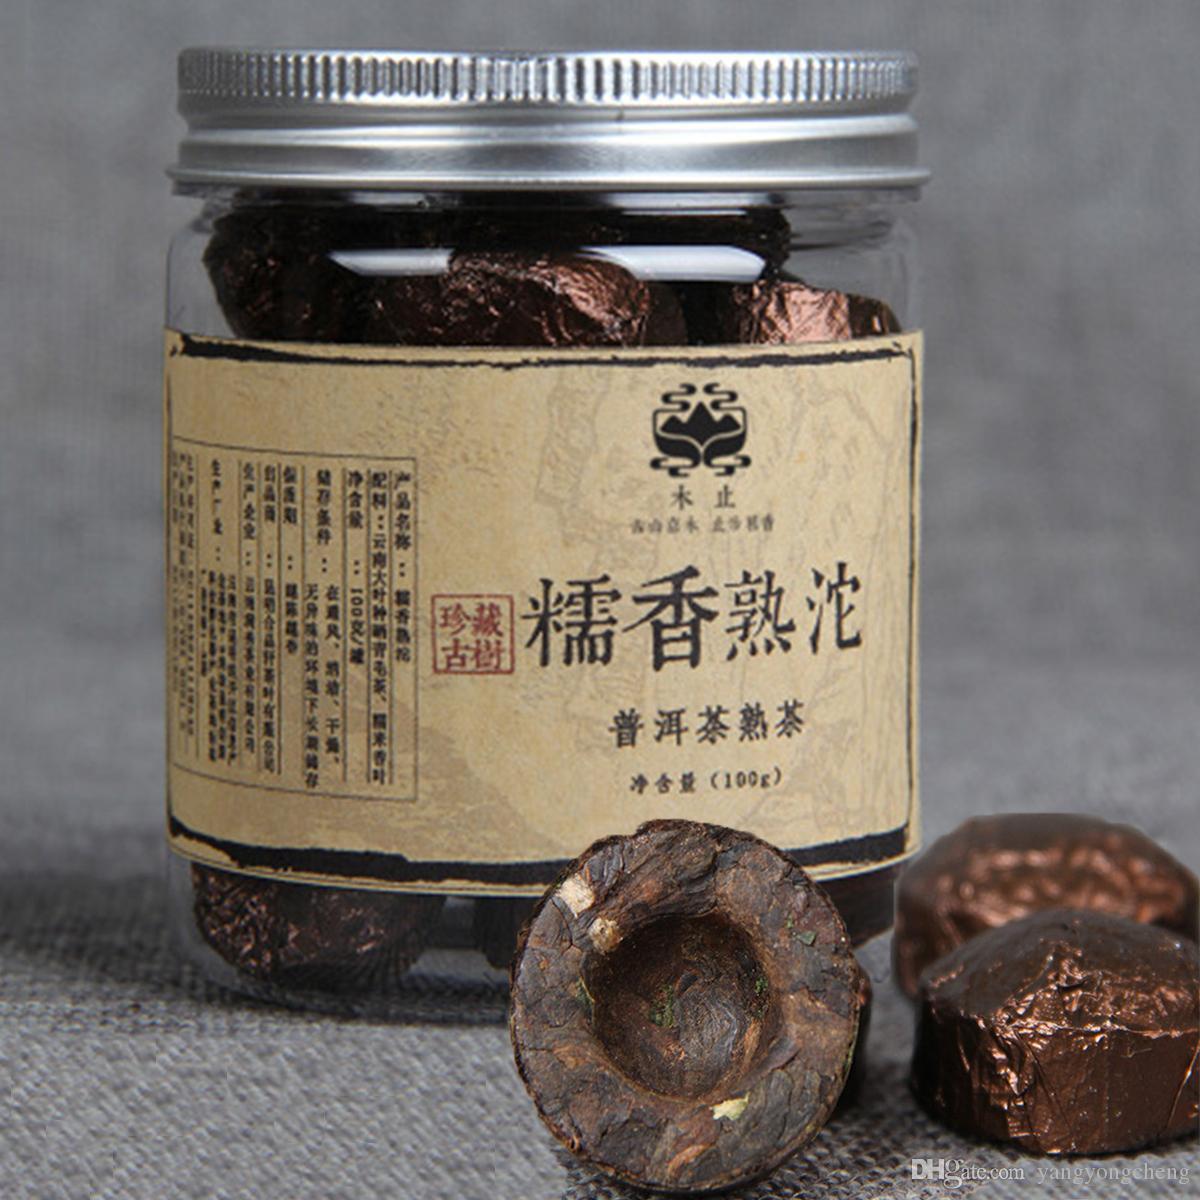 Yunnan Puerh Tee Tuocha Kleine Dosen Klebreis PU-äh Schwarzer Tee 100g Puer gekocht Puerh Chinese Green Essen Reife Pu Erh Tee